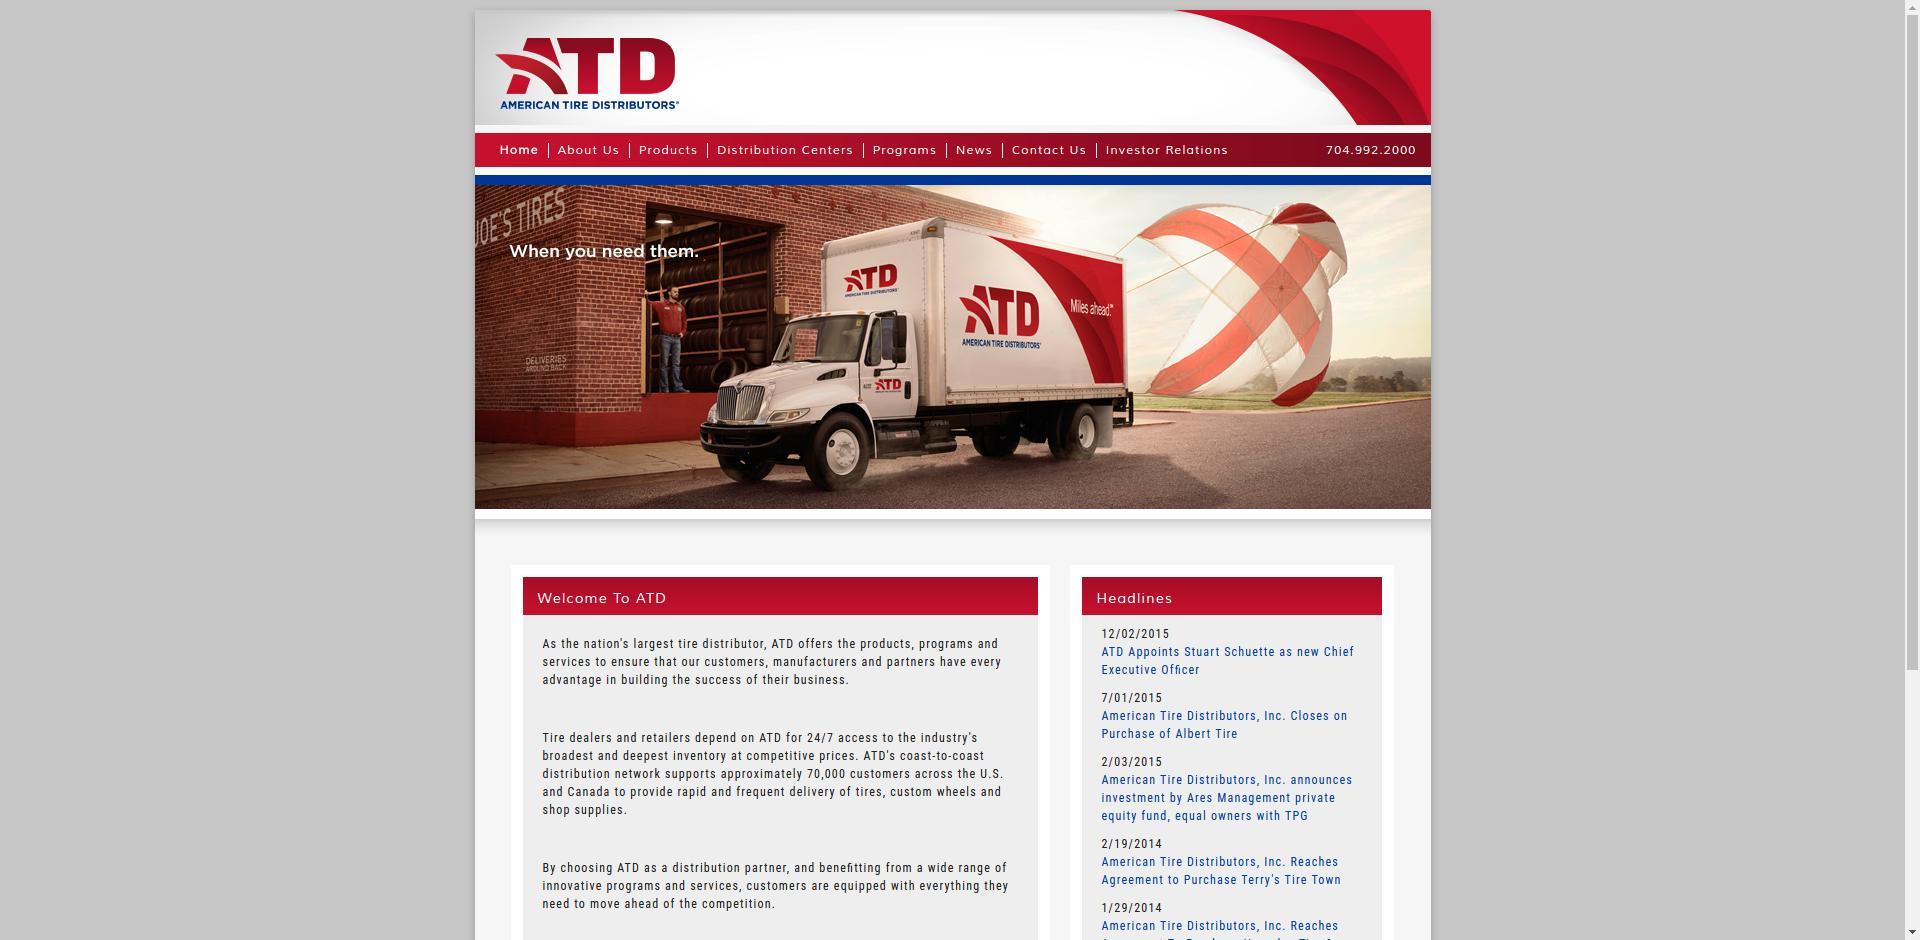 American Tire Distributors Company Profile Office Locations